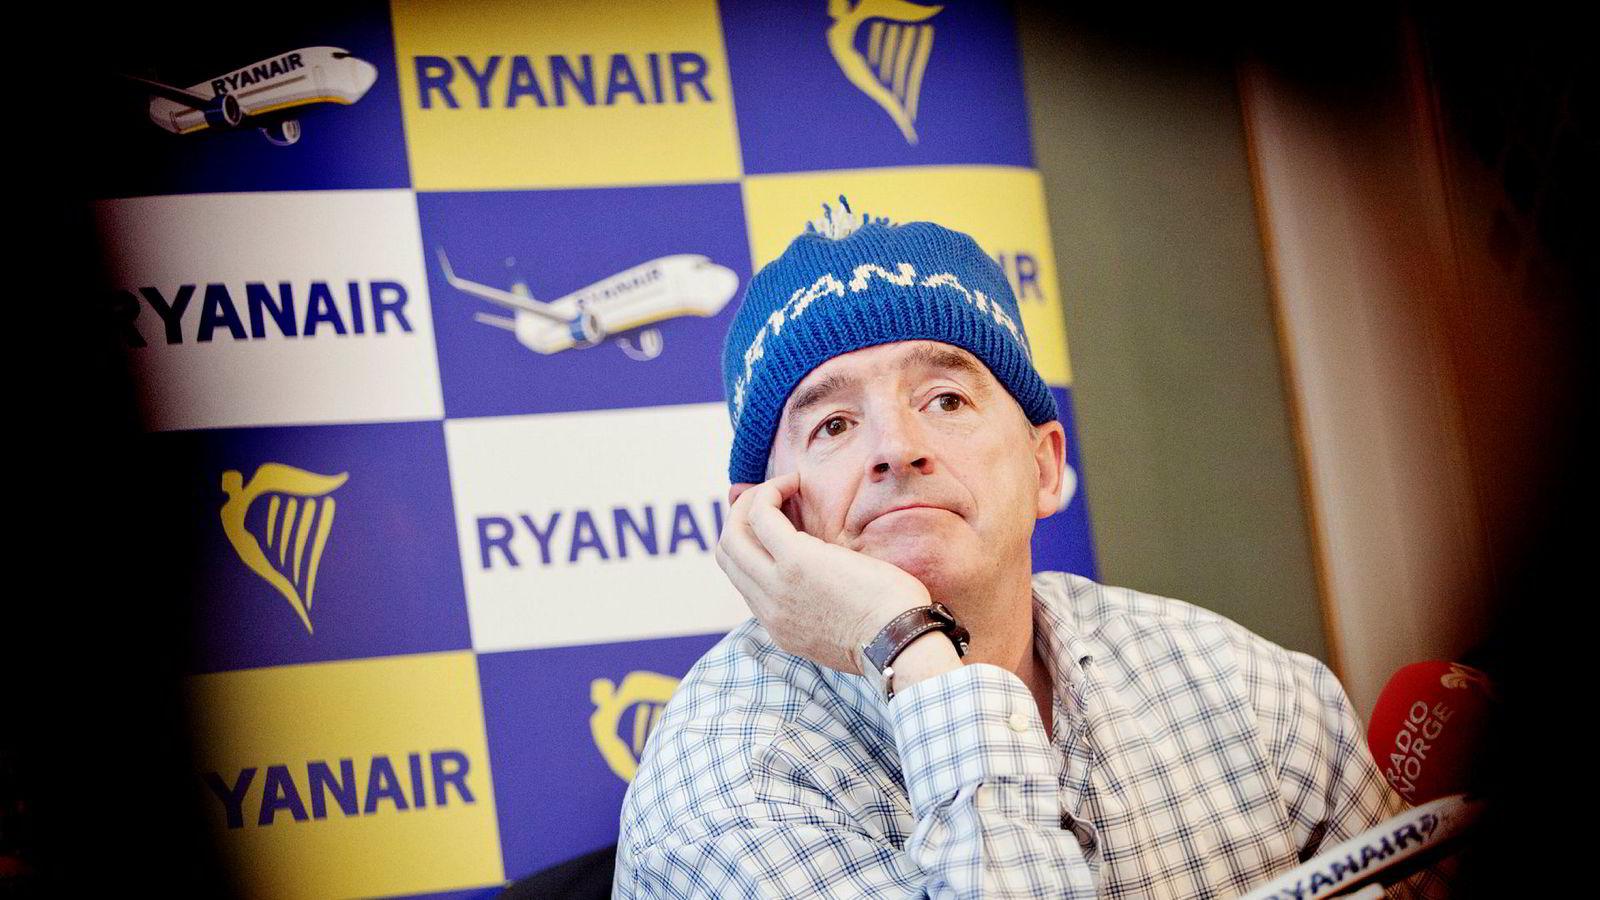 Ryan Air-sjef Michael O'Leary selger flybillettene så billig at Naturvernforbundet vil ha forbud.